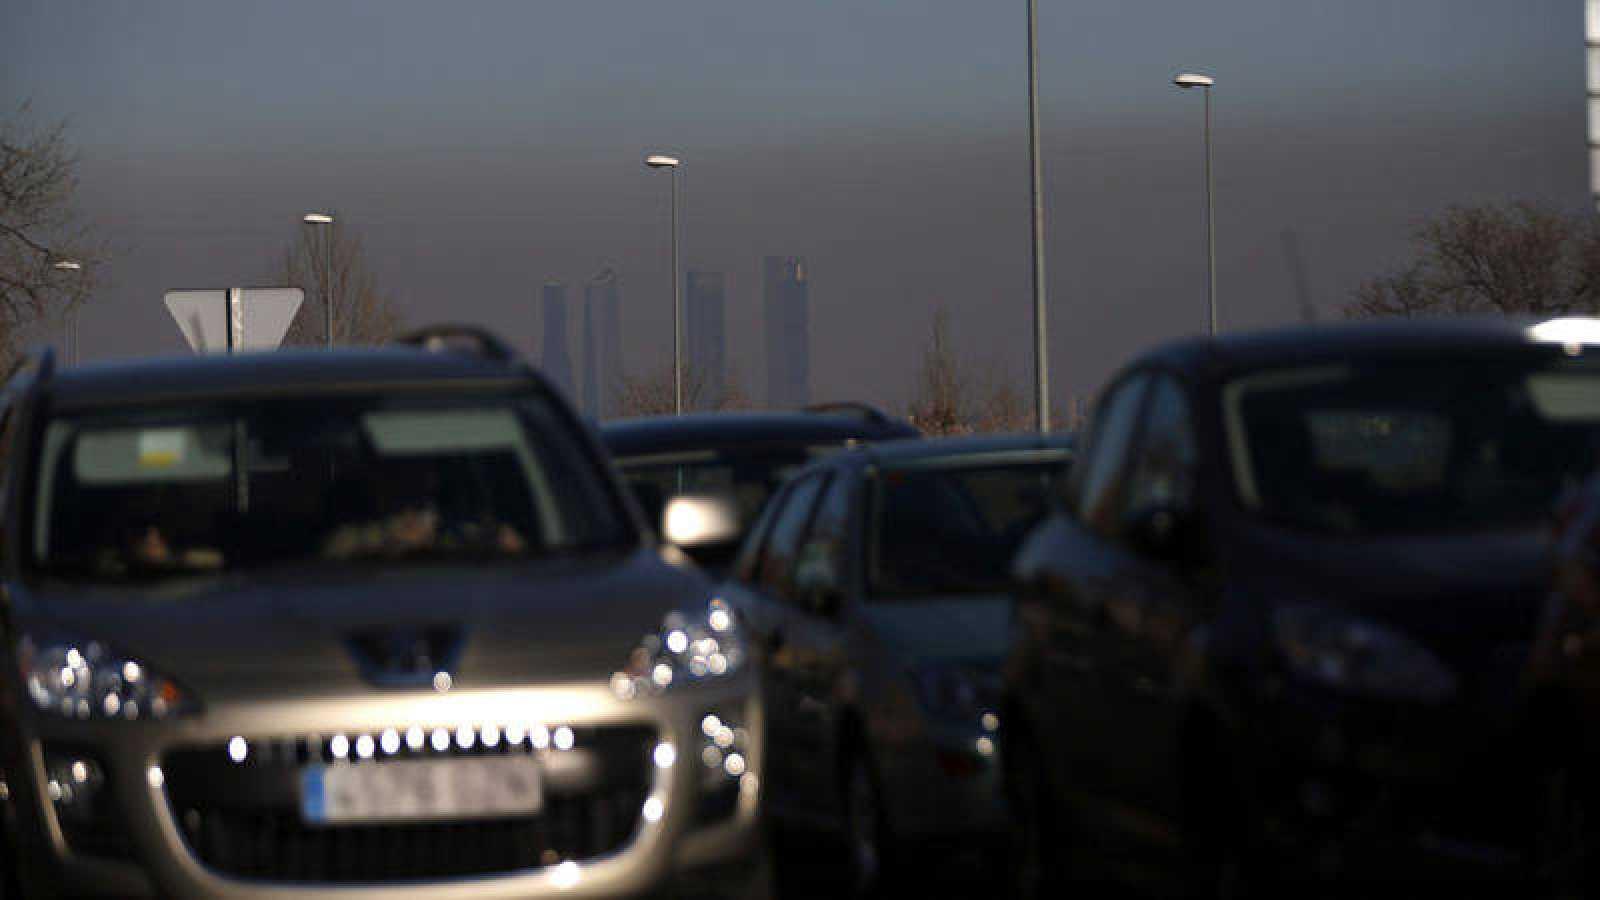 Tráfico en las carreteras que rodean Madrid con el fondo de la nube de contaminación que cubre la capital española